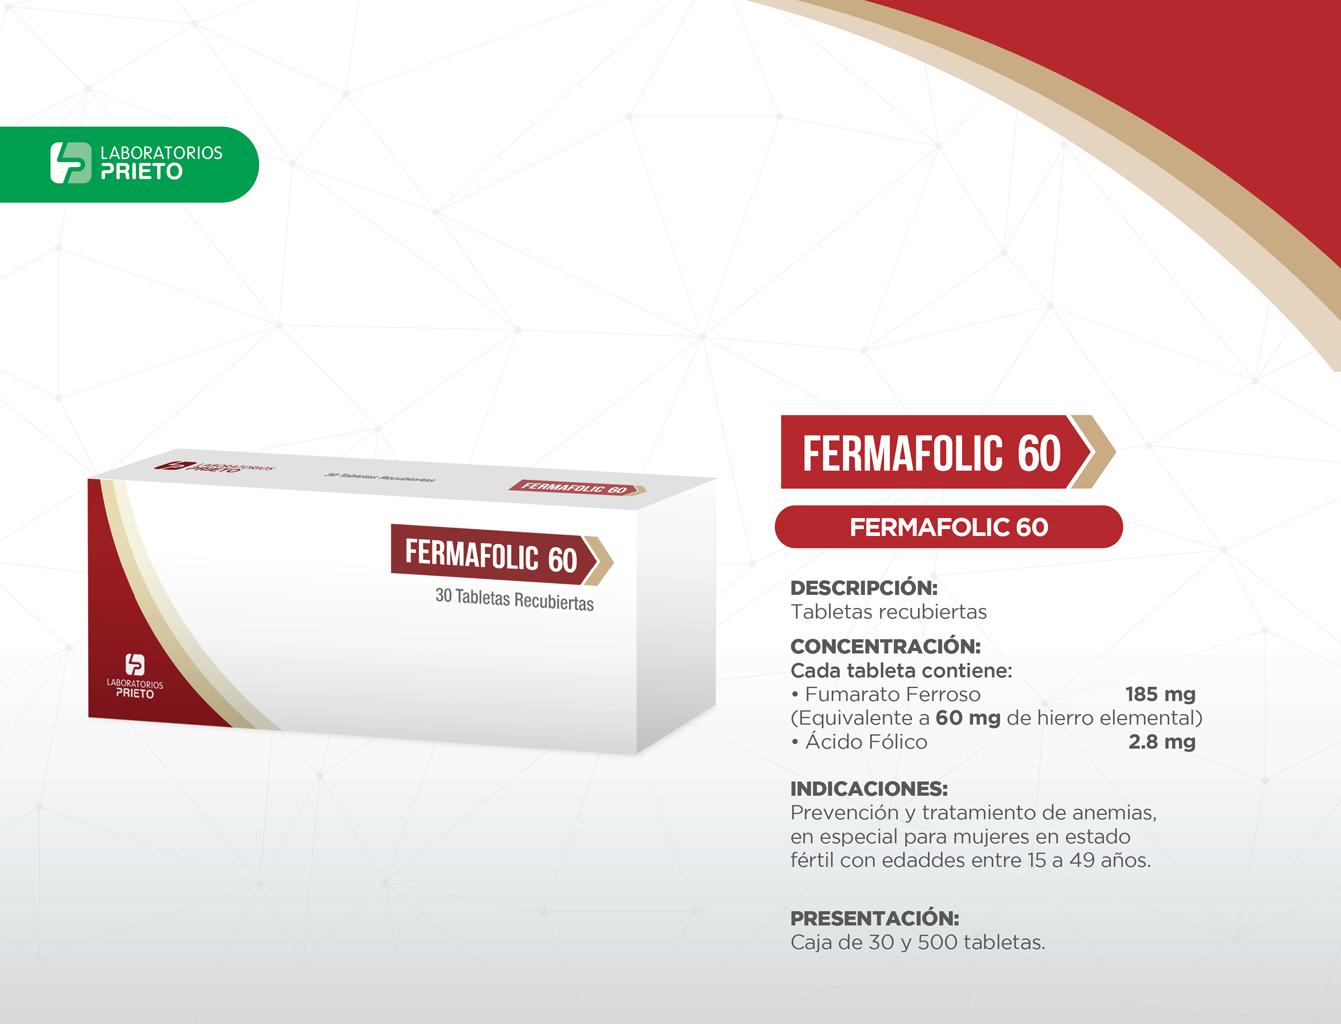 Vademecum-de-productos-Laboratorios-Prieto_Page_29